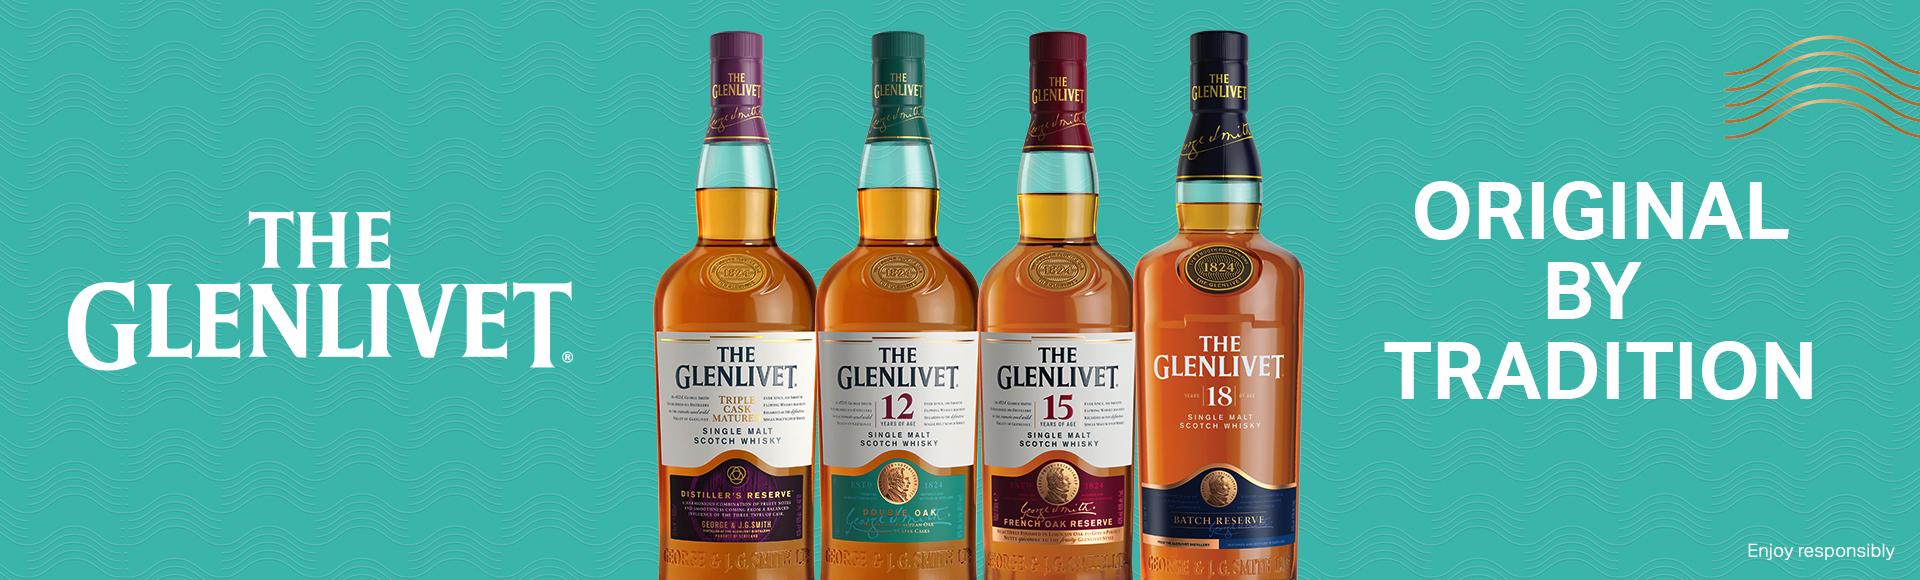 glenlivet-banner